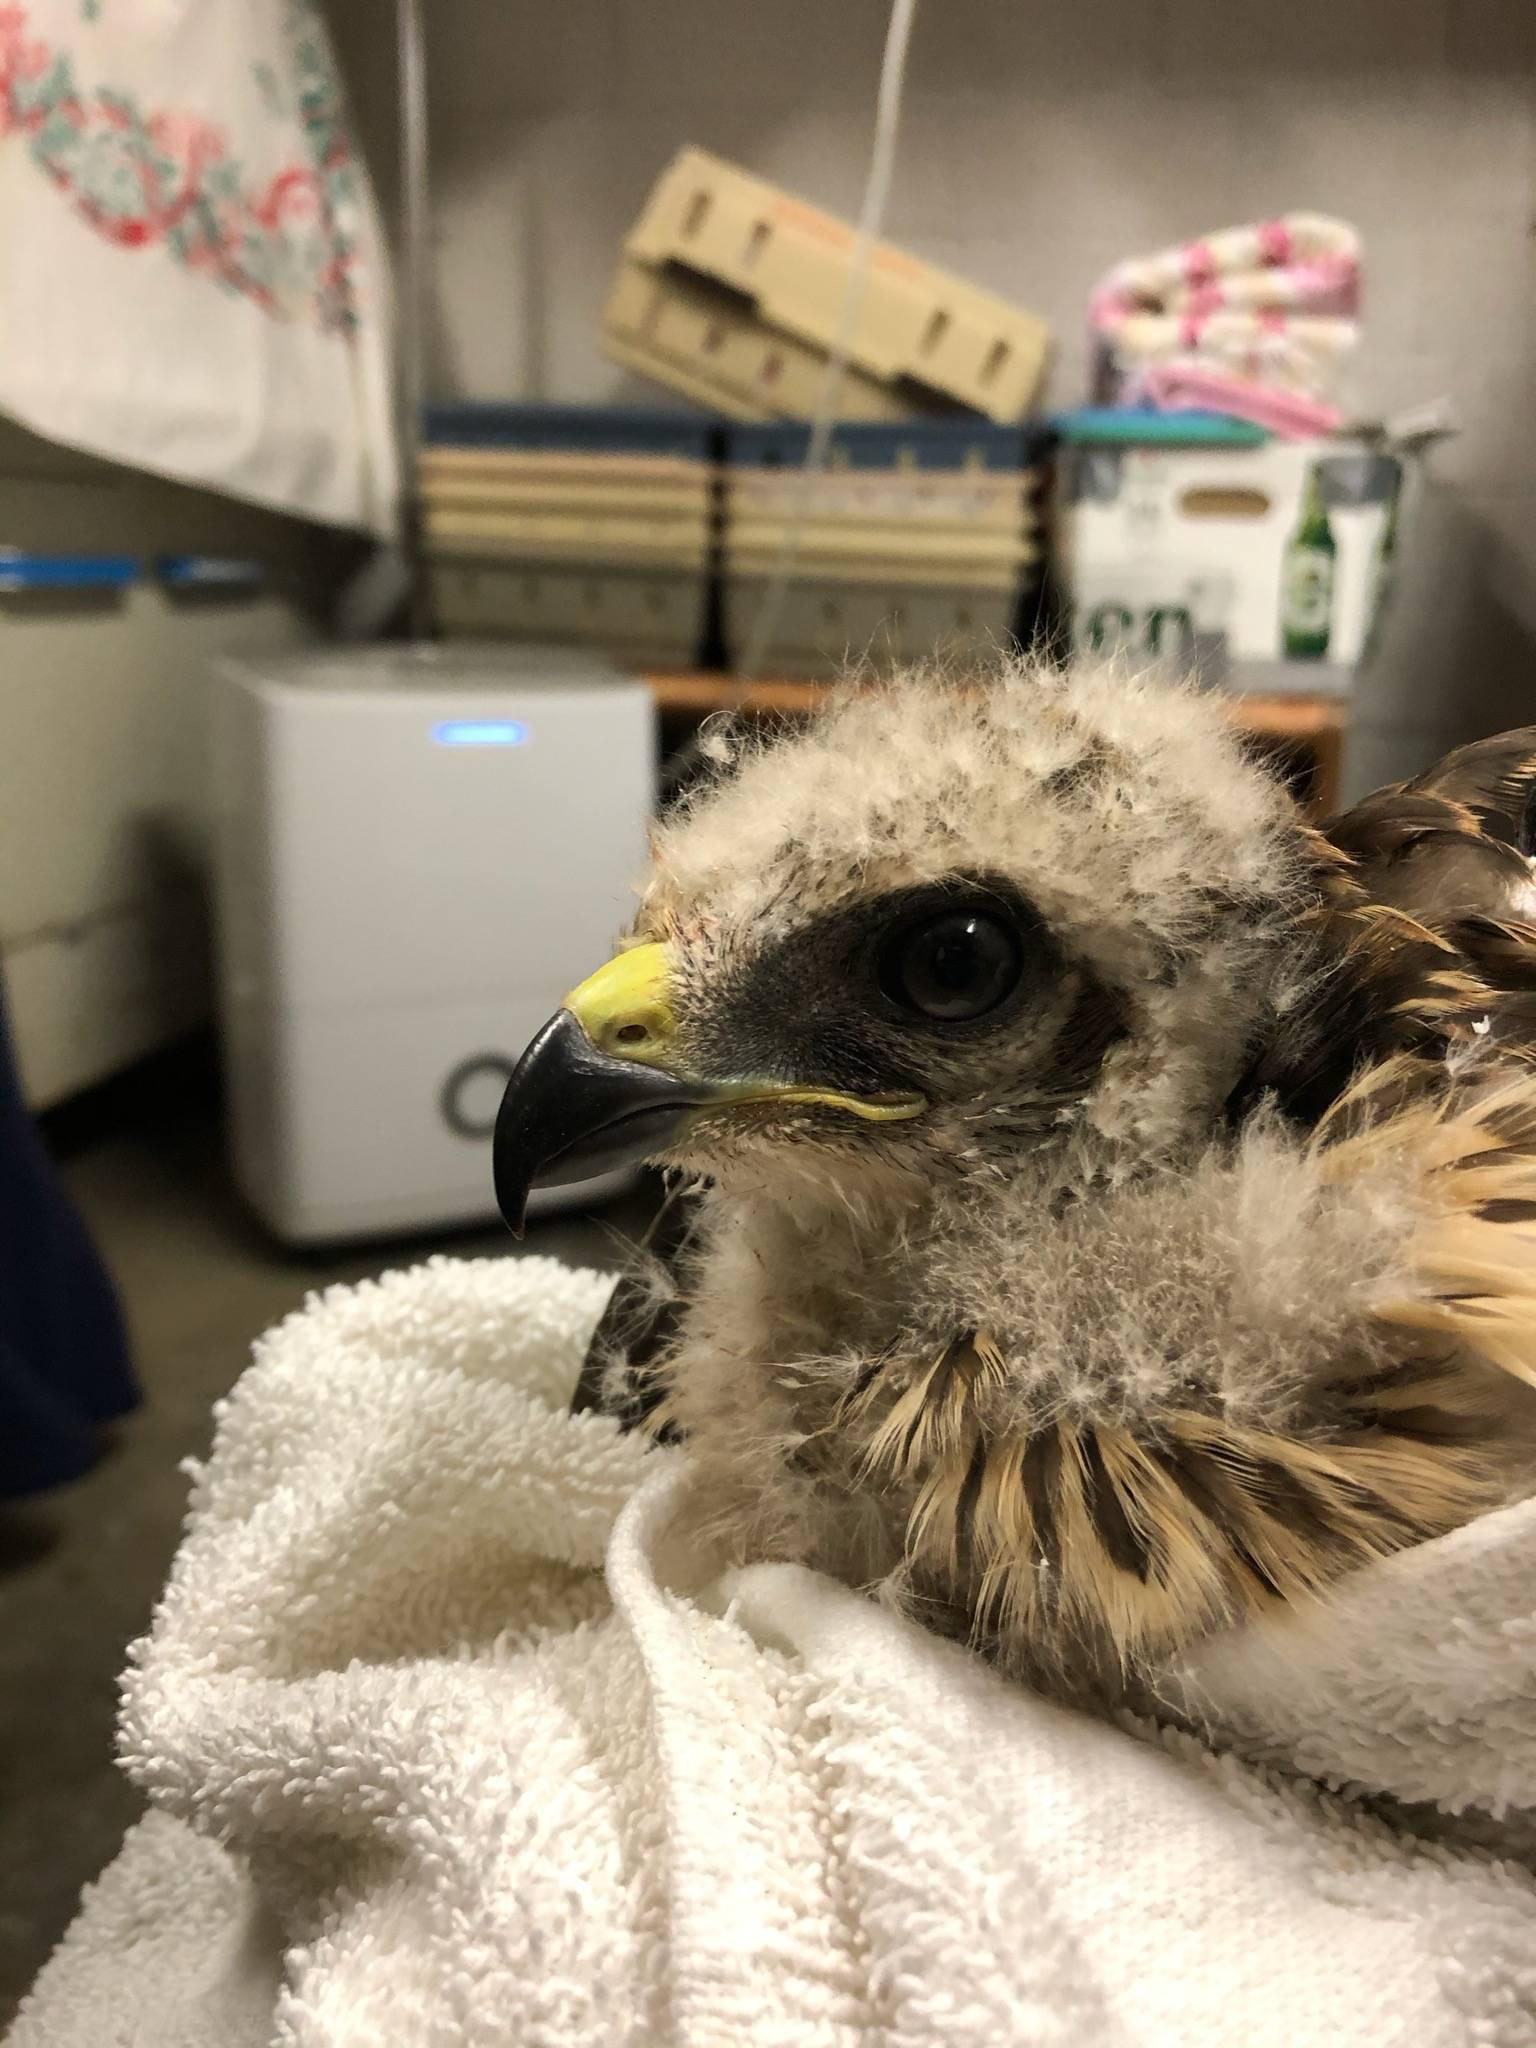 Red Shouldered Hawk Nestling